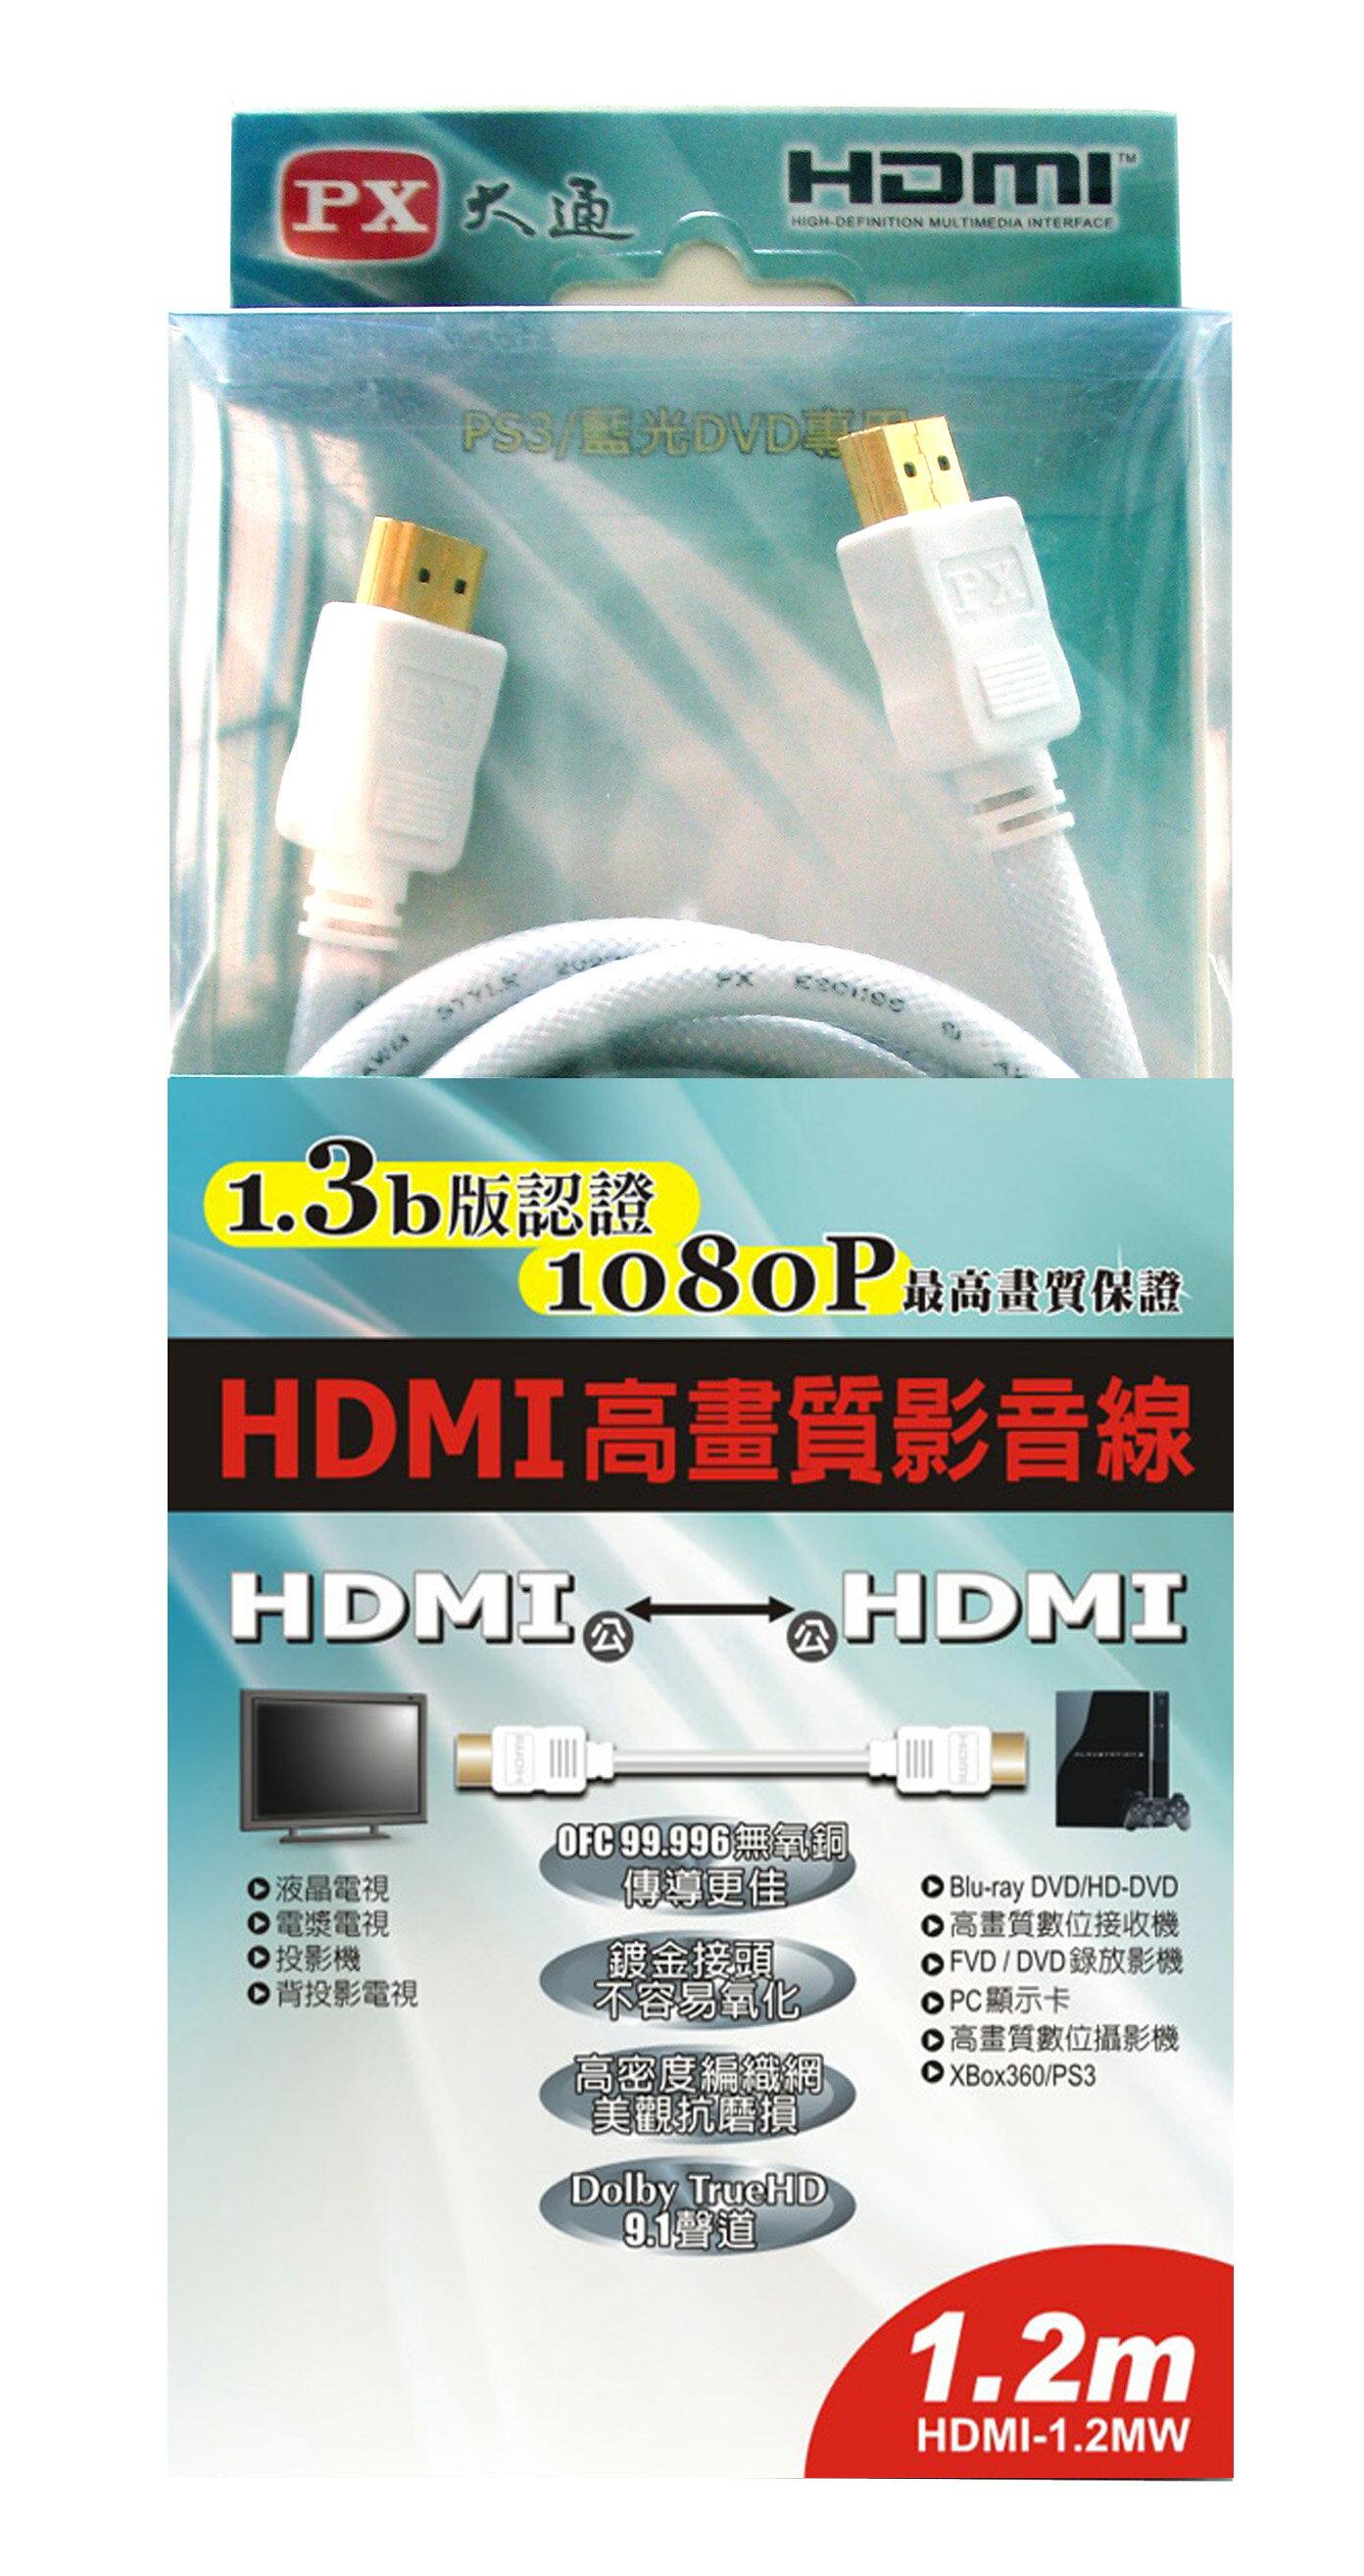 HDMI~1.2MW高畫質白色影音線